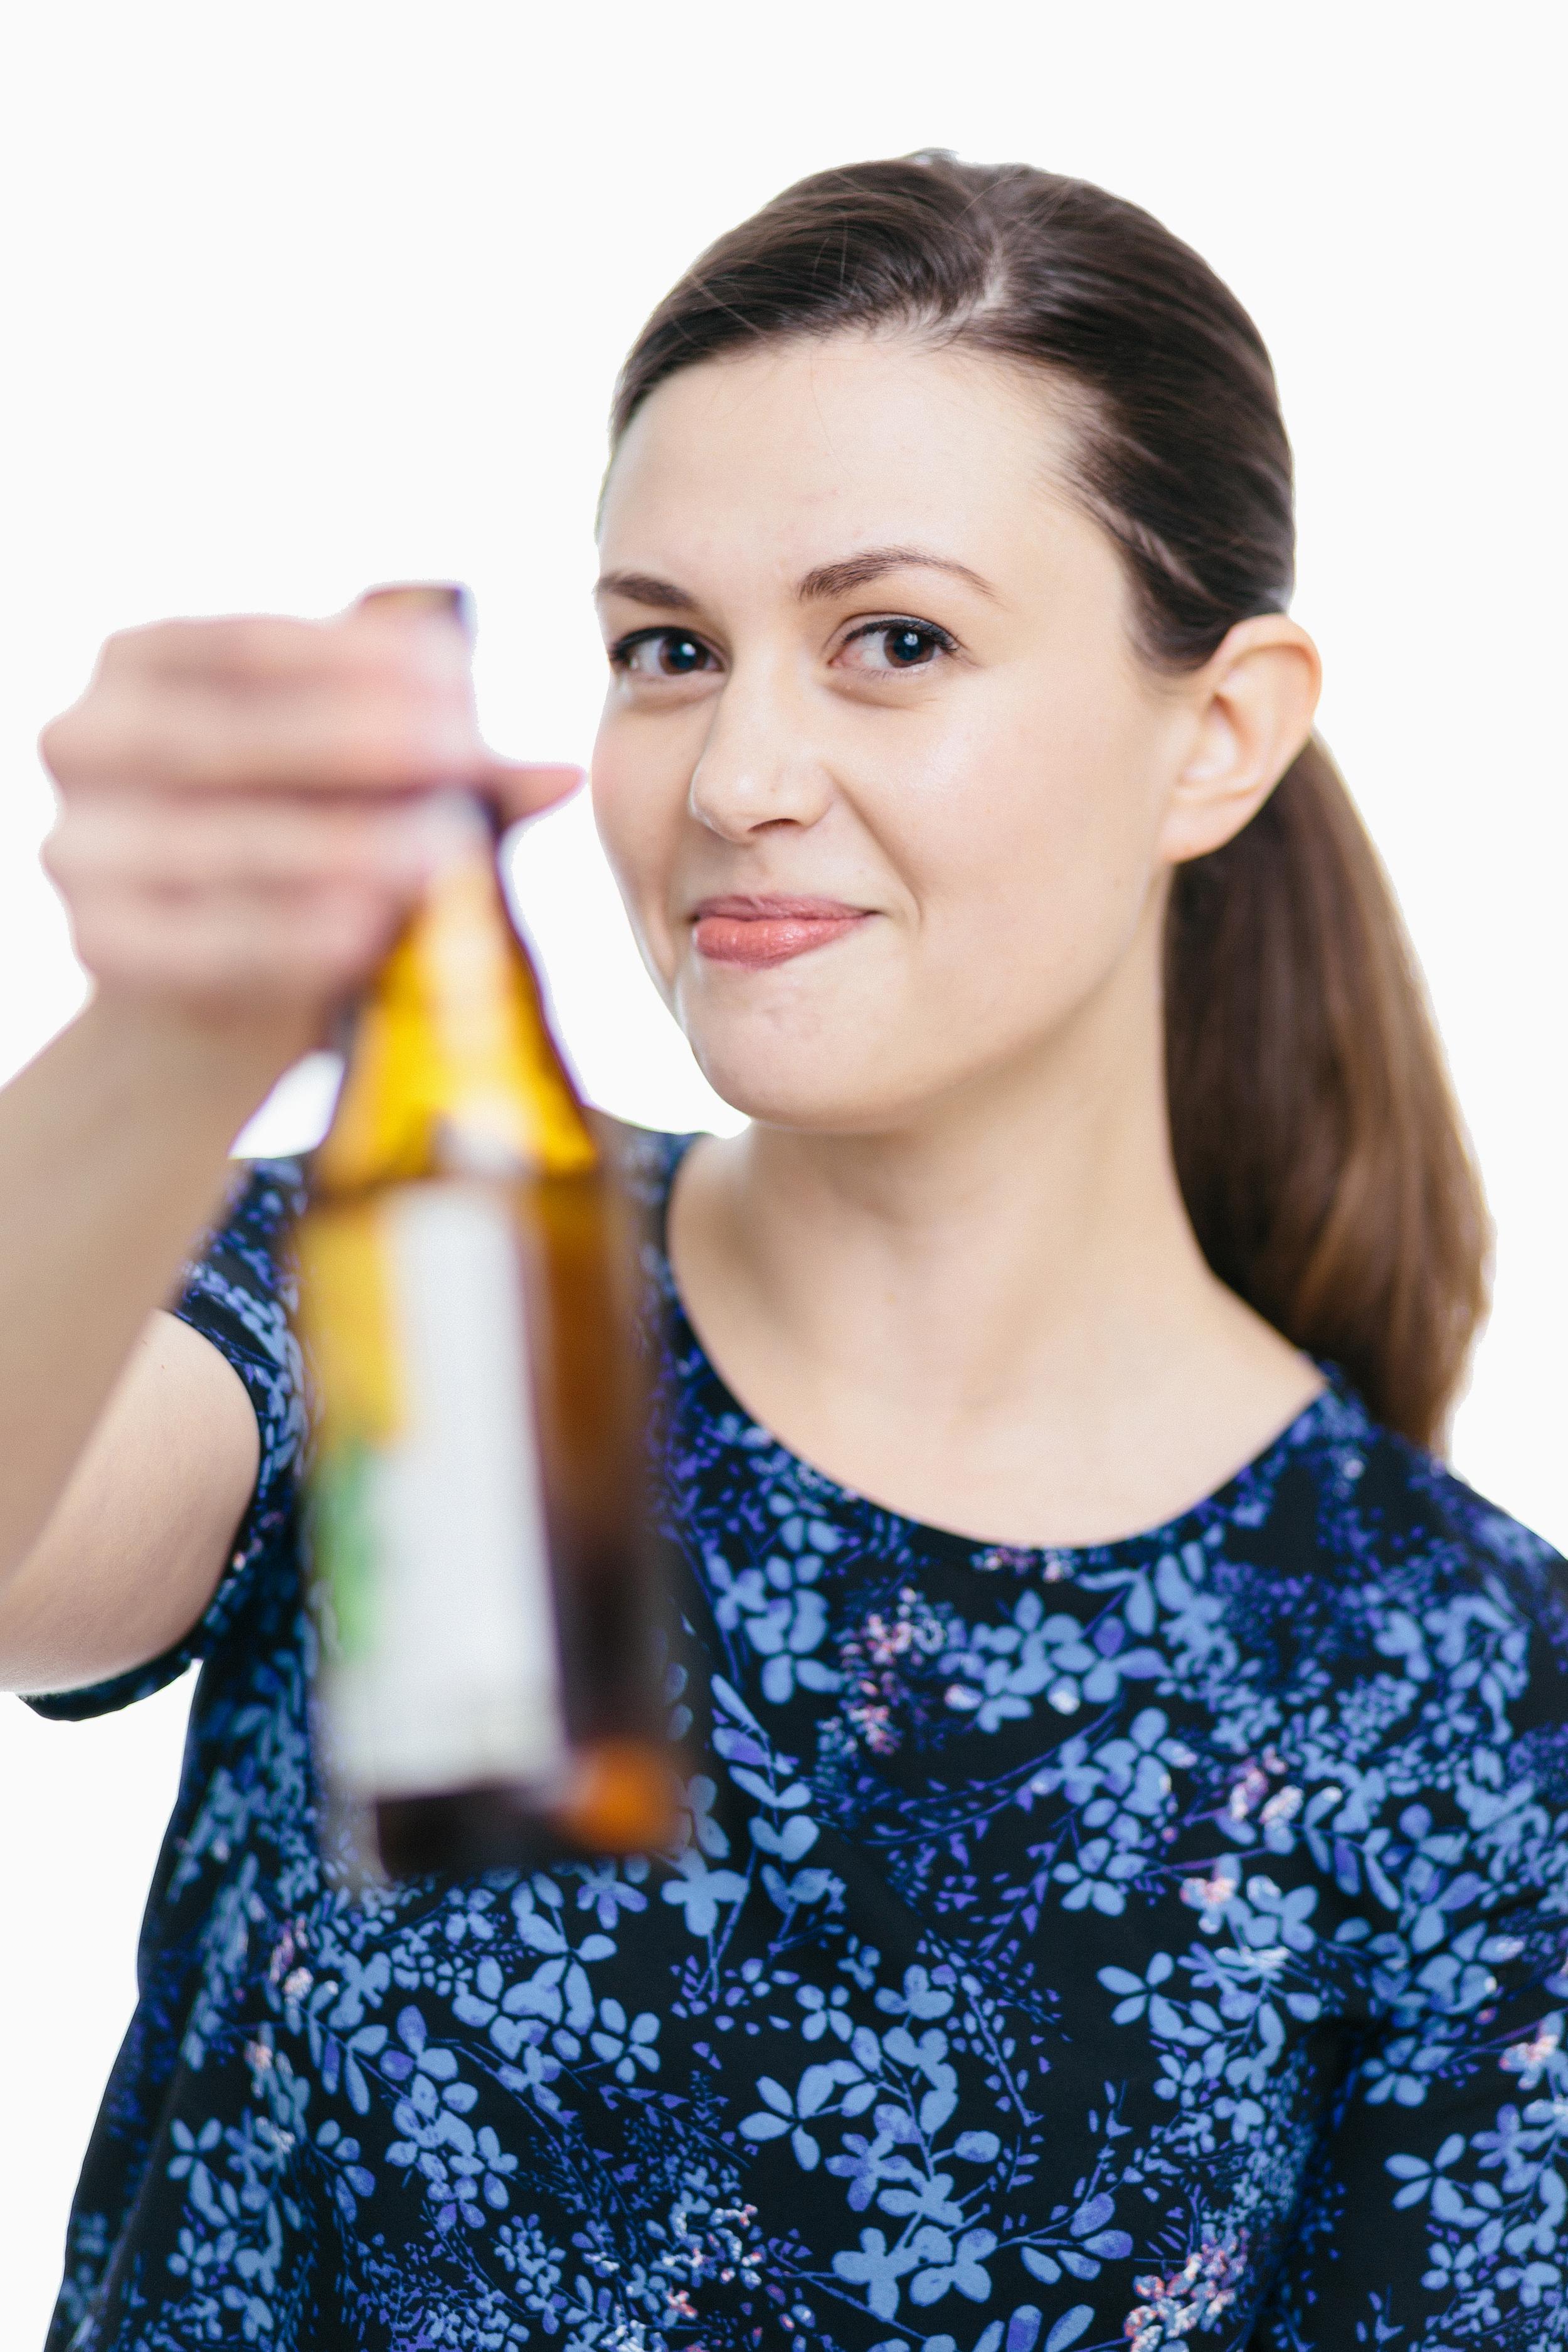 Kim Clean Headshot with beer edit.jpg